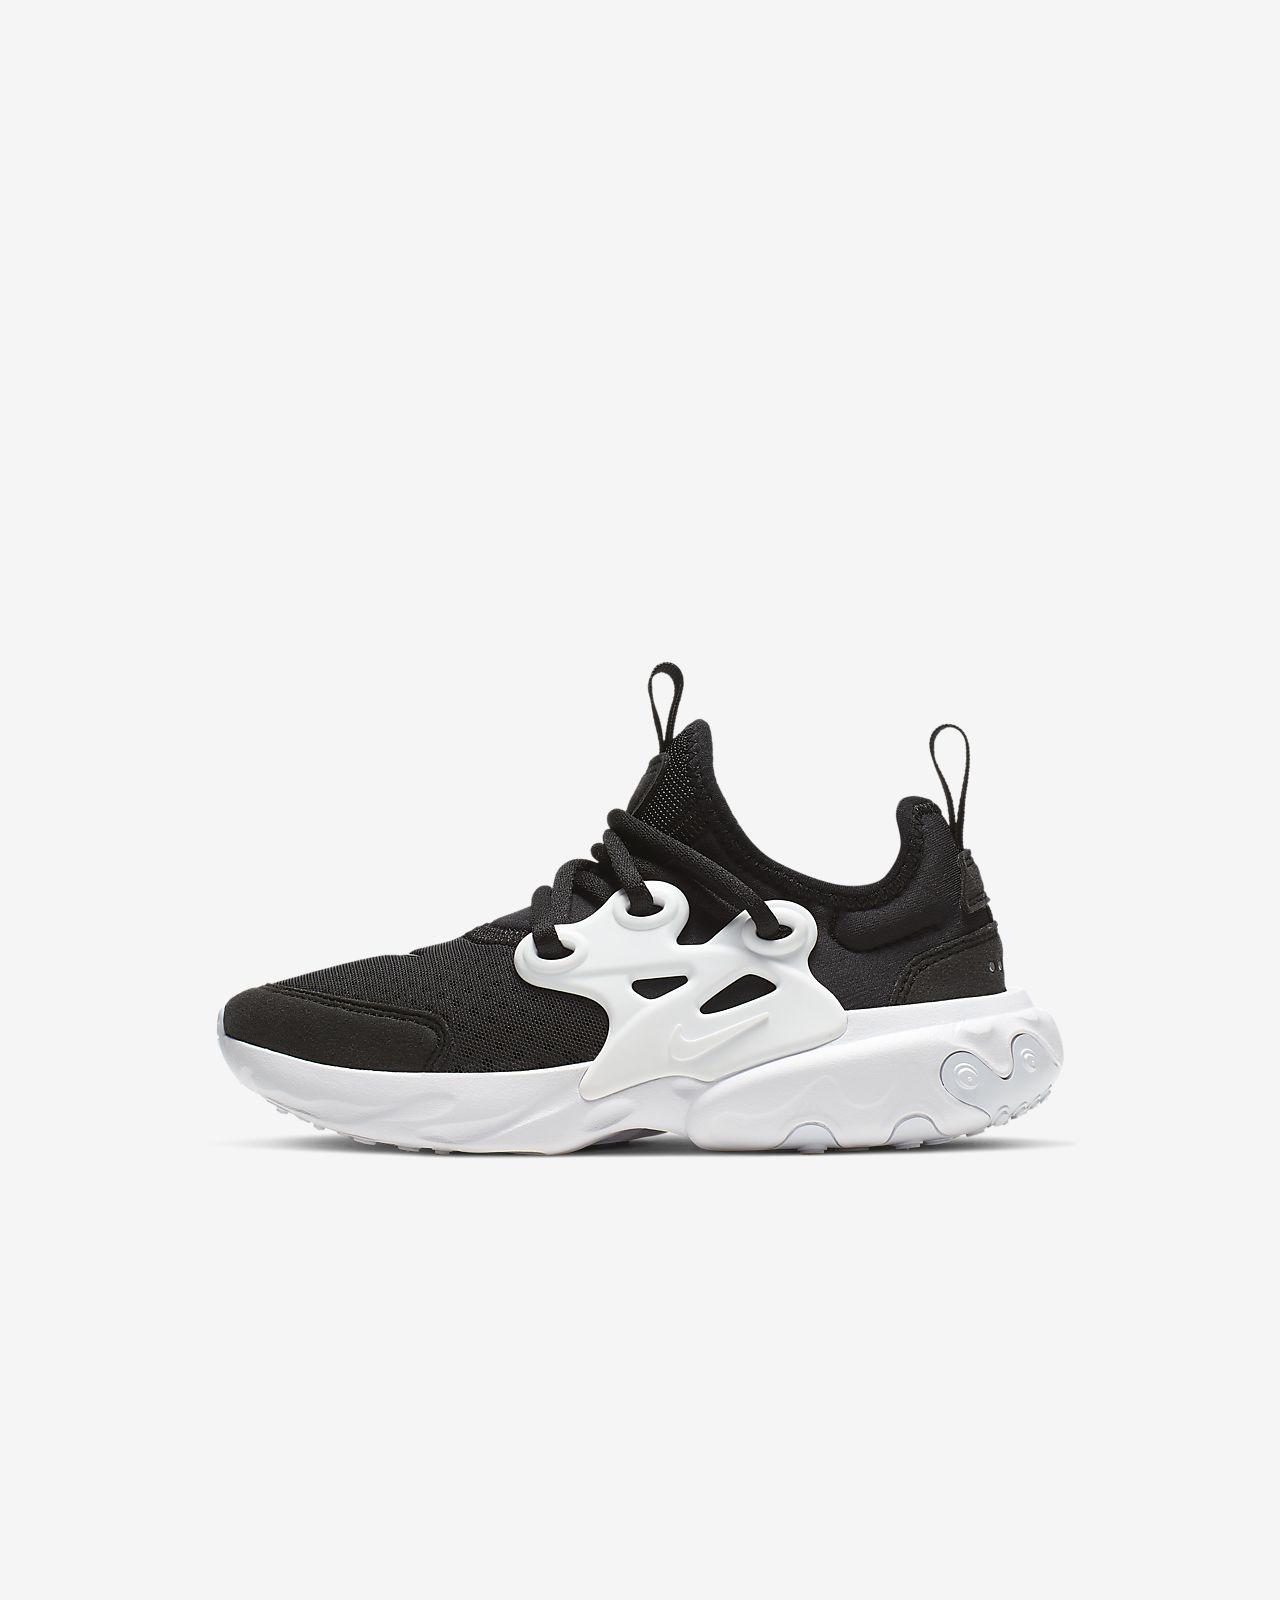 df87397889d Nike RT Presto sko til små barn. Nike.com NO